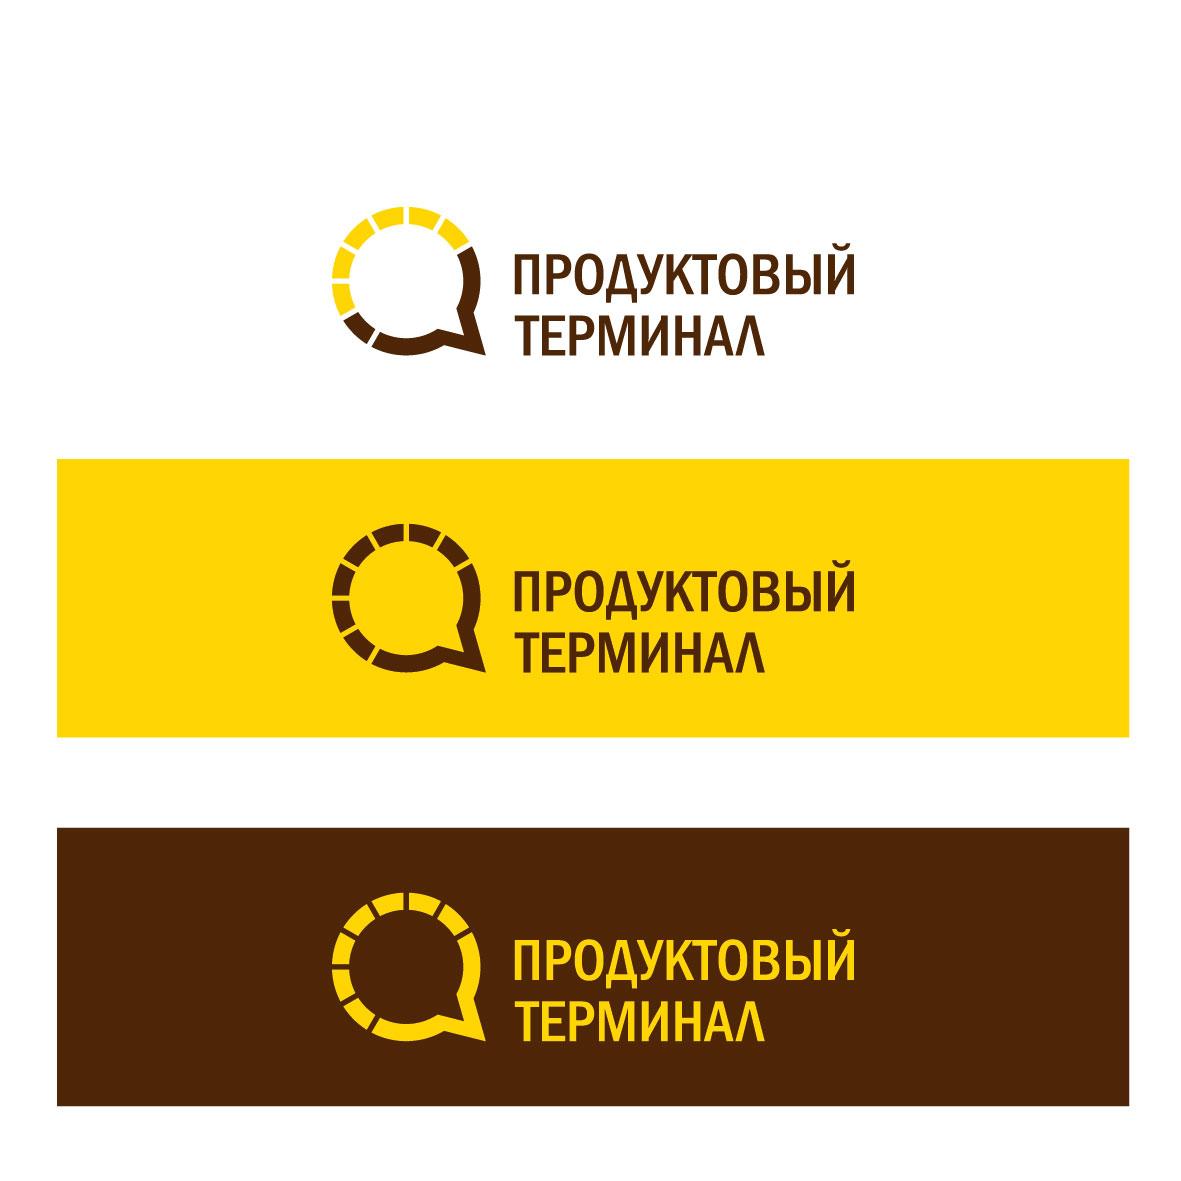 Логотип для сети продуктовых магазинов фото f_36356fbd7cac1ae9.jpg